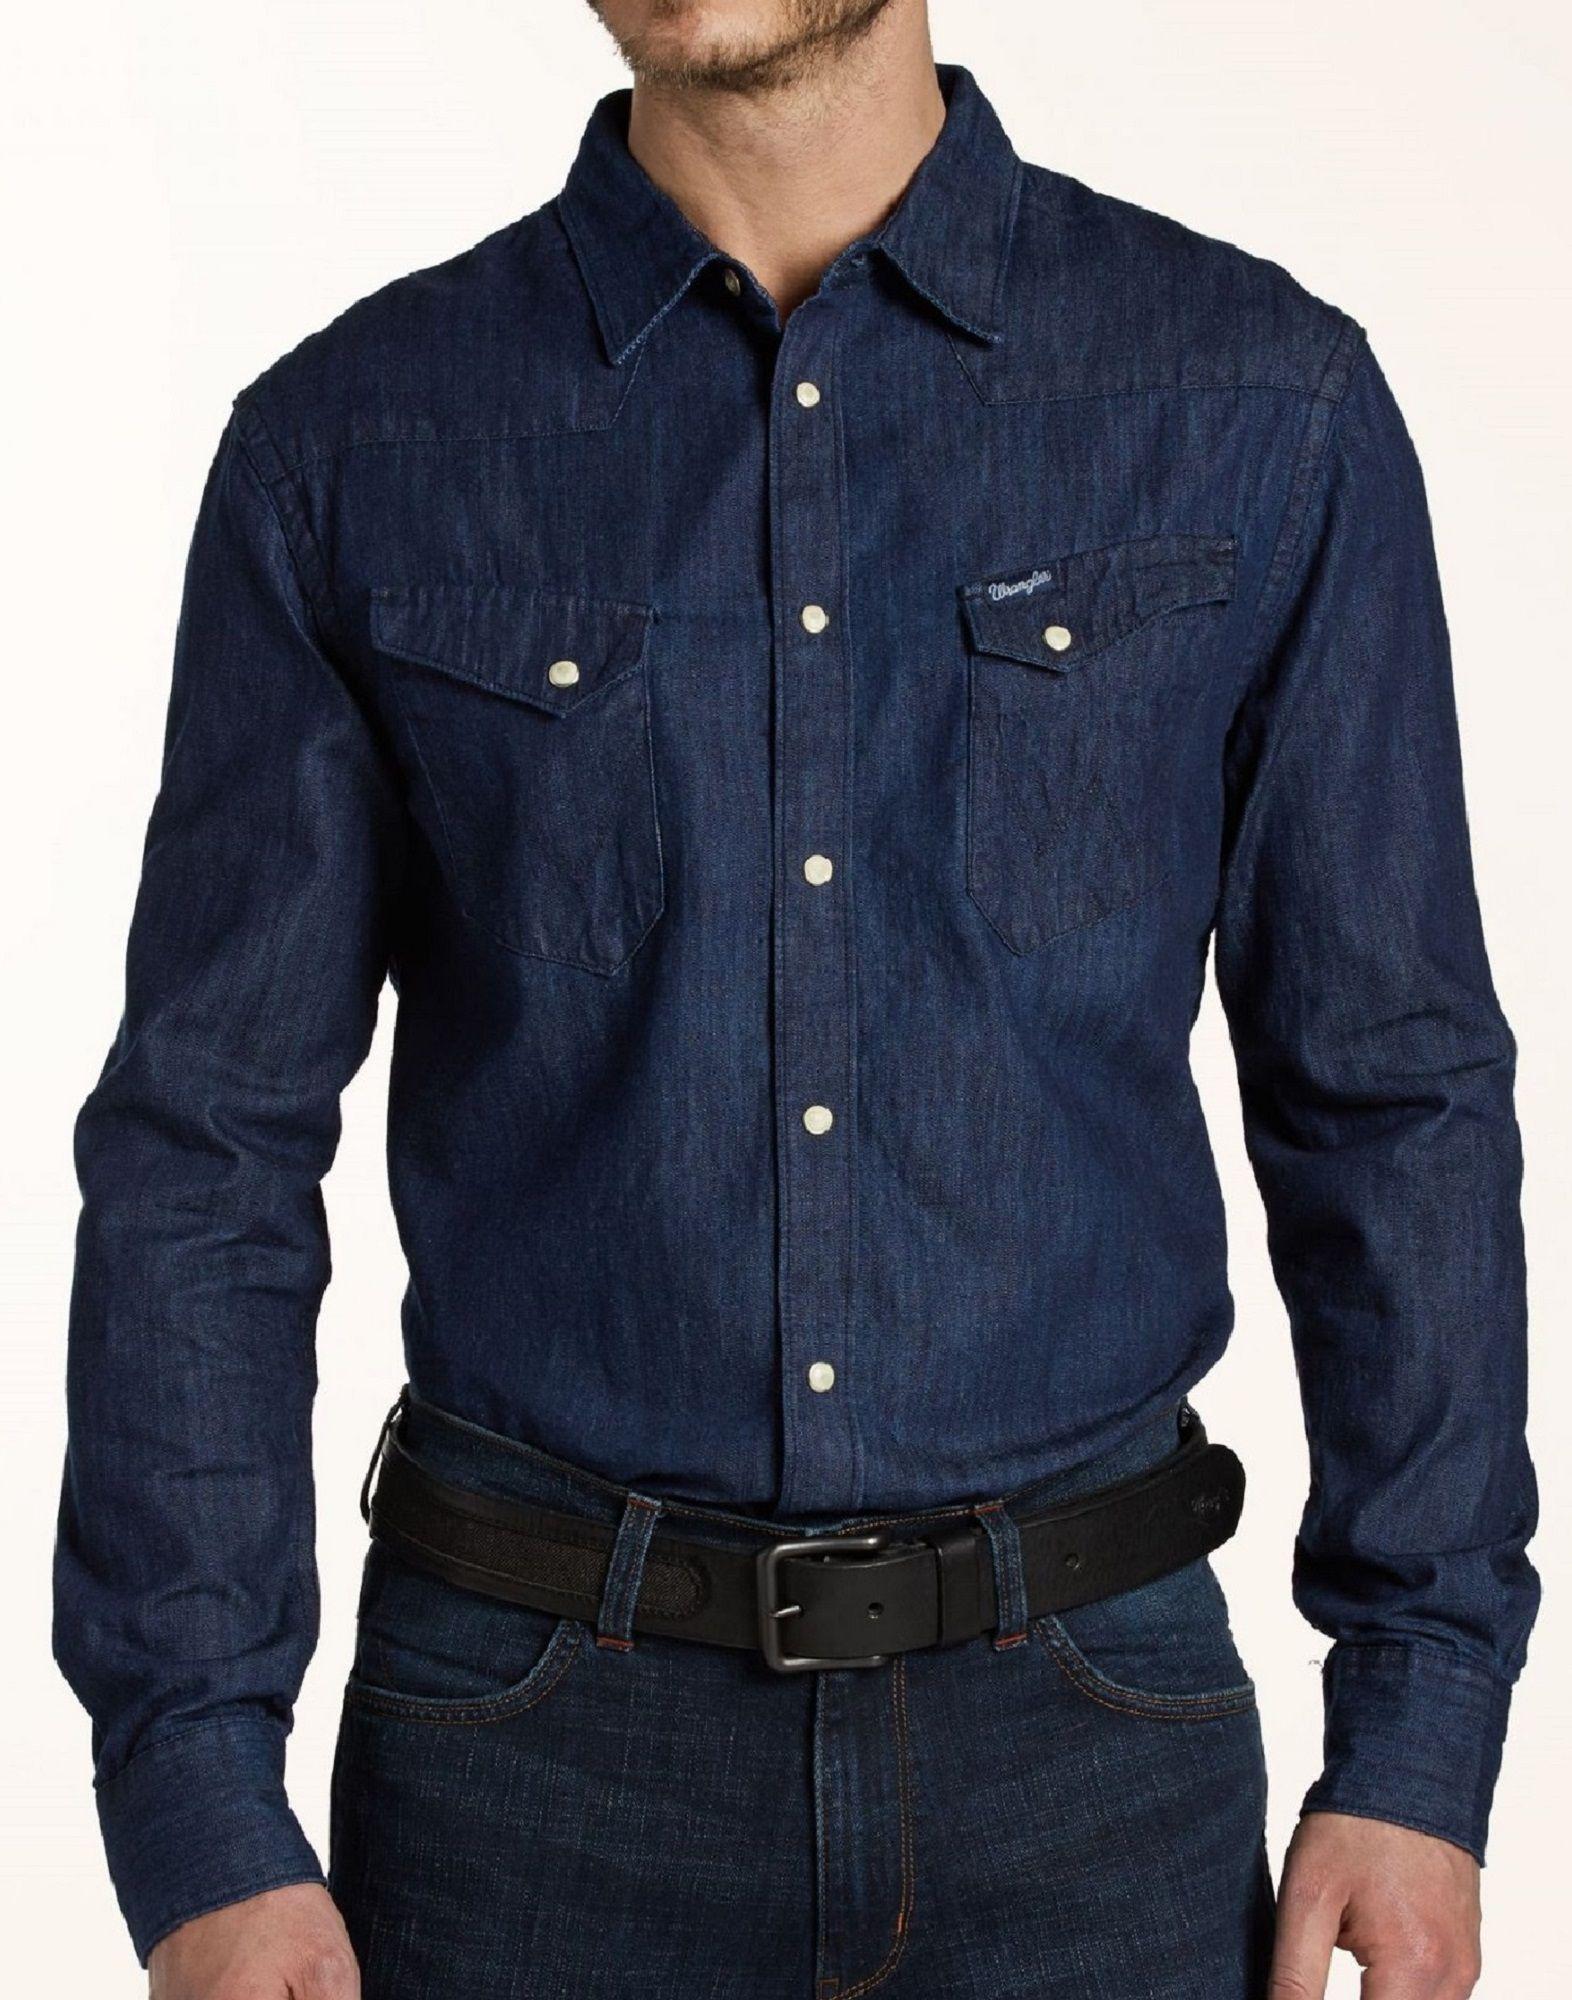 967e1c55672 Стильная мужская рубашка WRANGLER в магазине